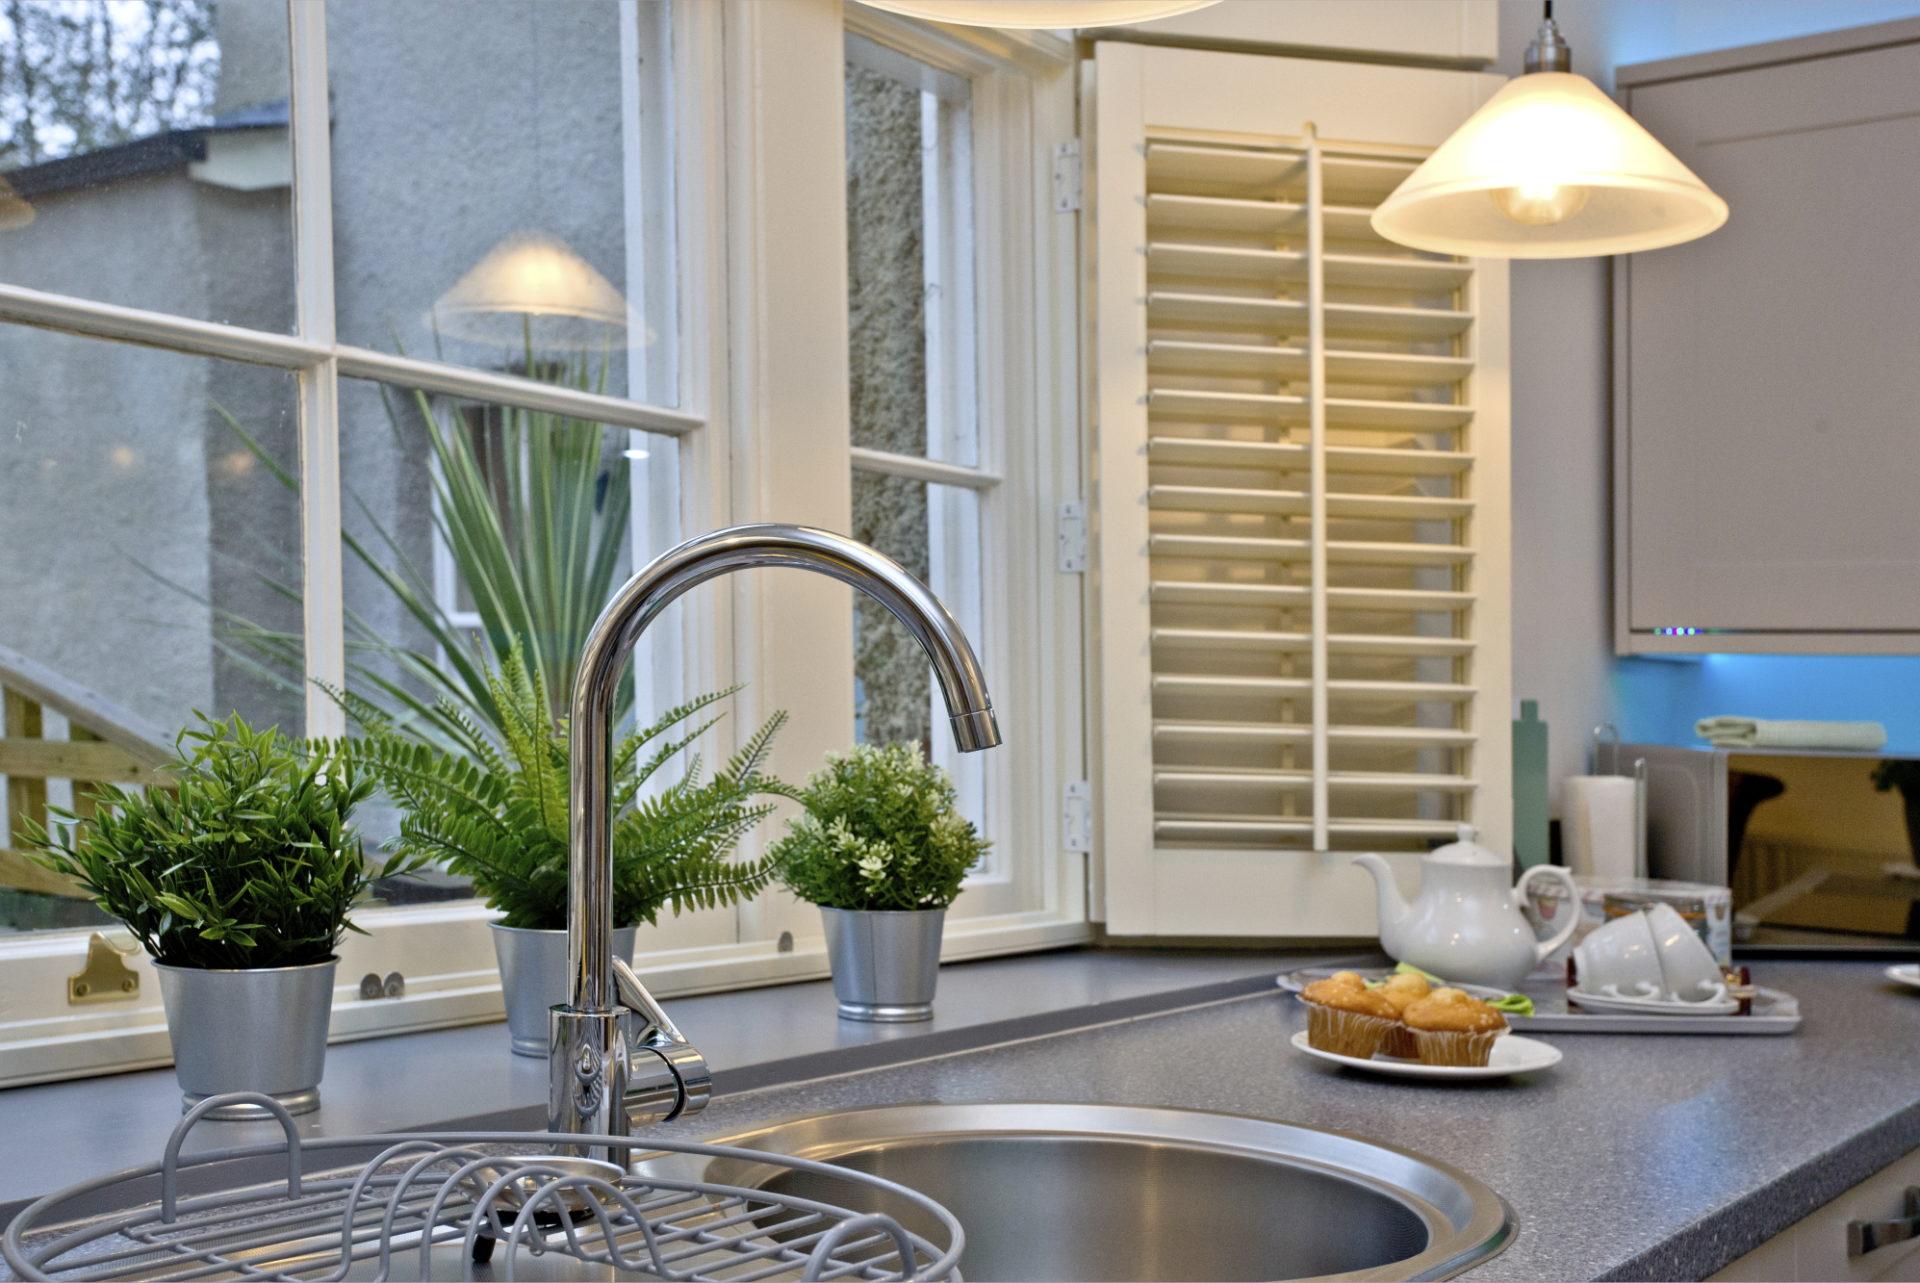 Wisteria cottage- Kitchen view 2